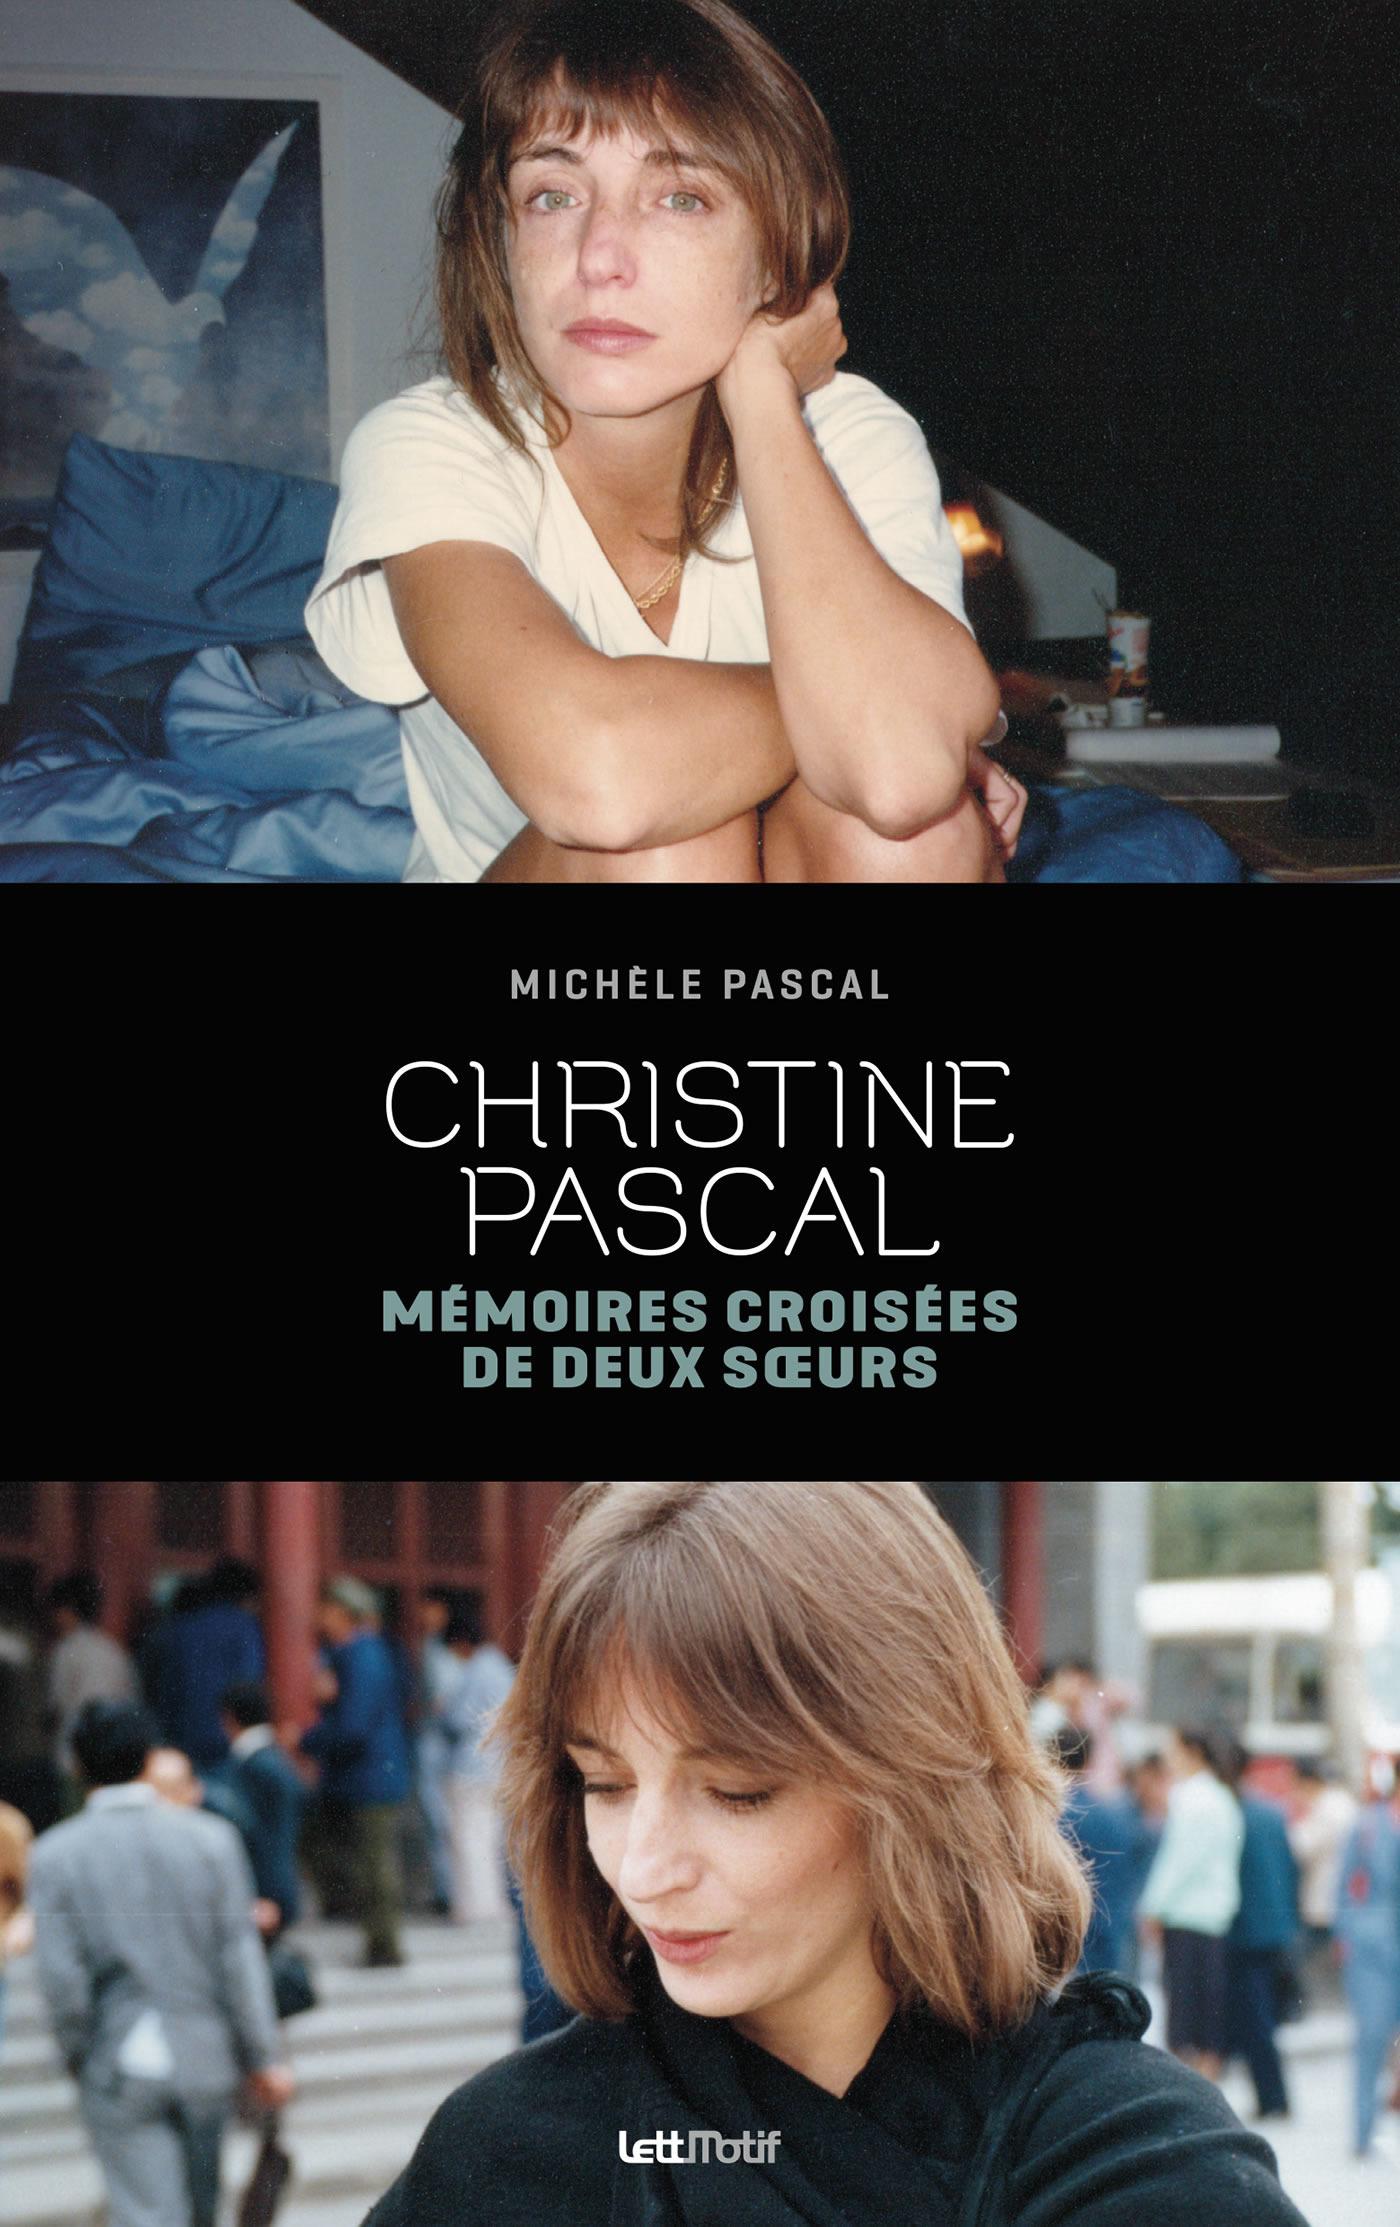 Christine Pascal, mémoires croisées de deux soeurs